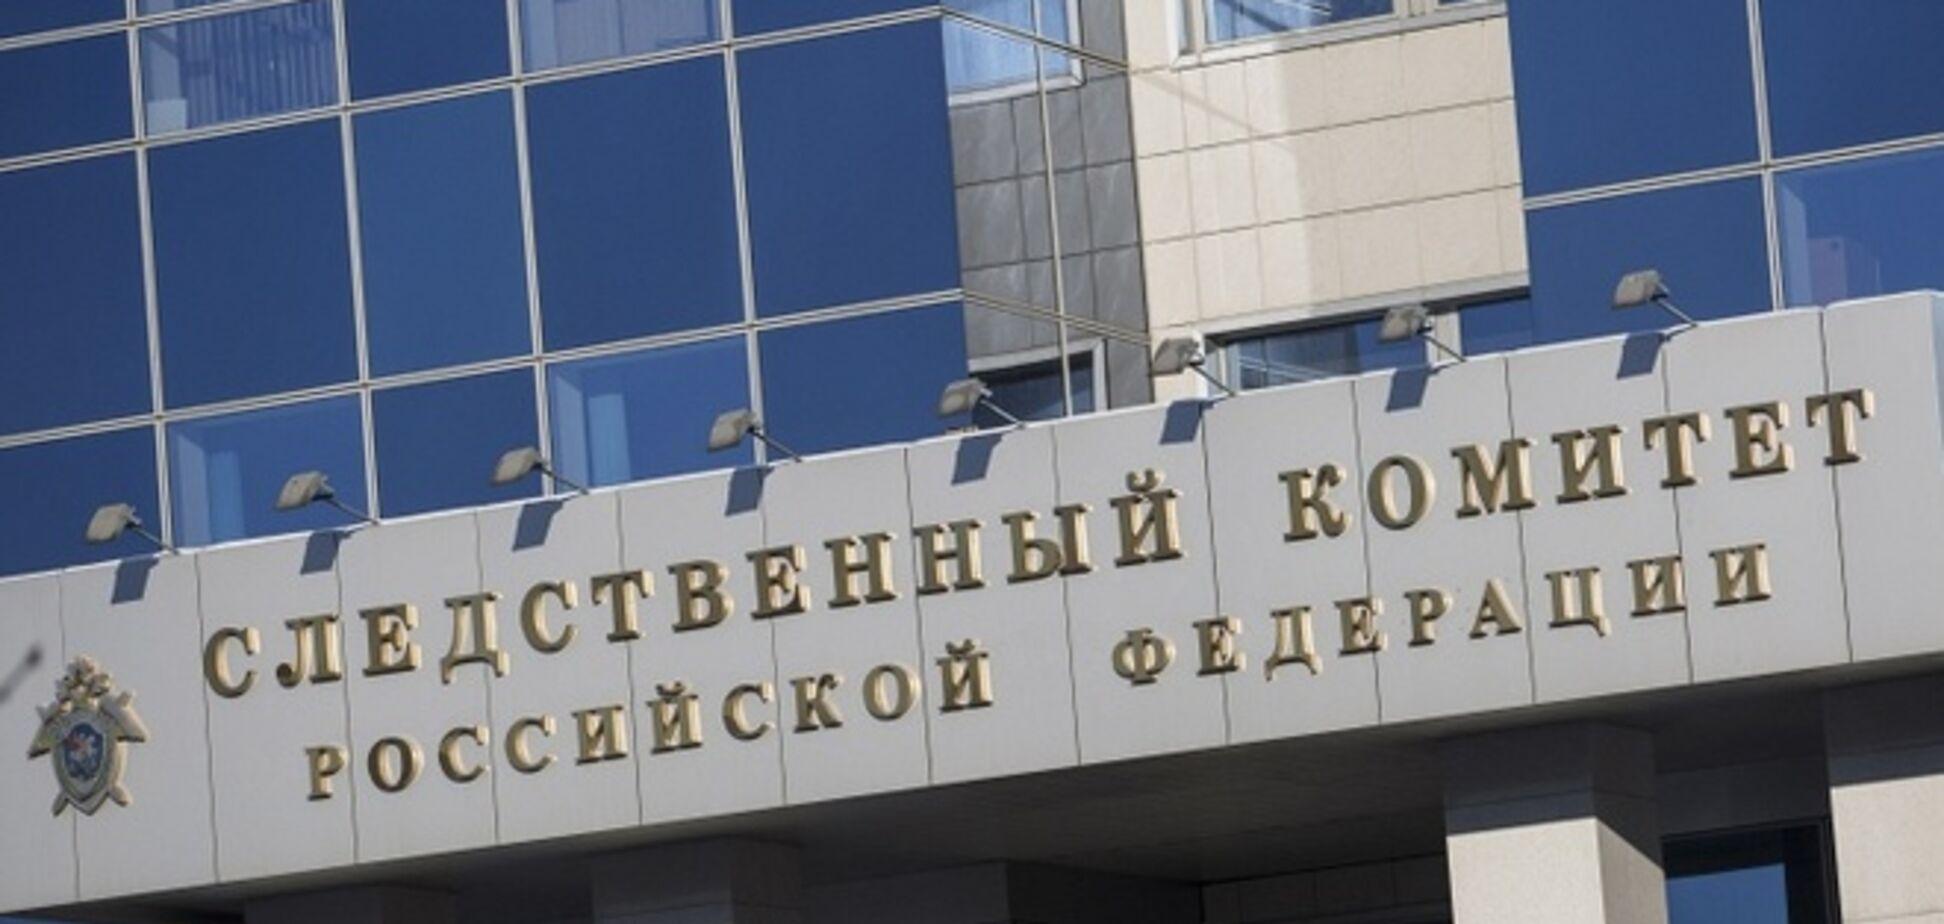 Следком РФ возмутила реакция Киева на 'уголовное дело о геноциде' на Донбассе